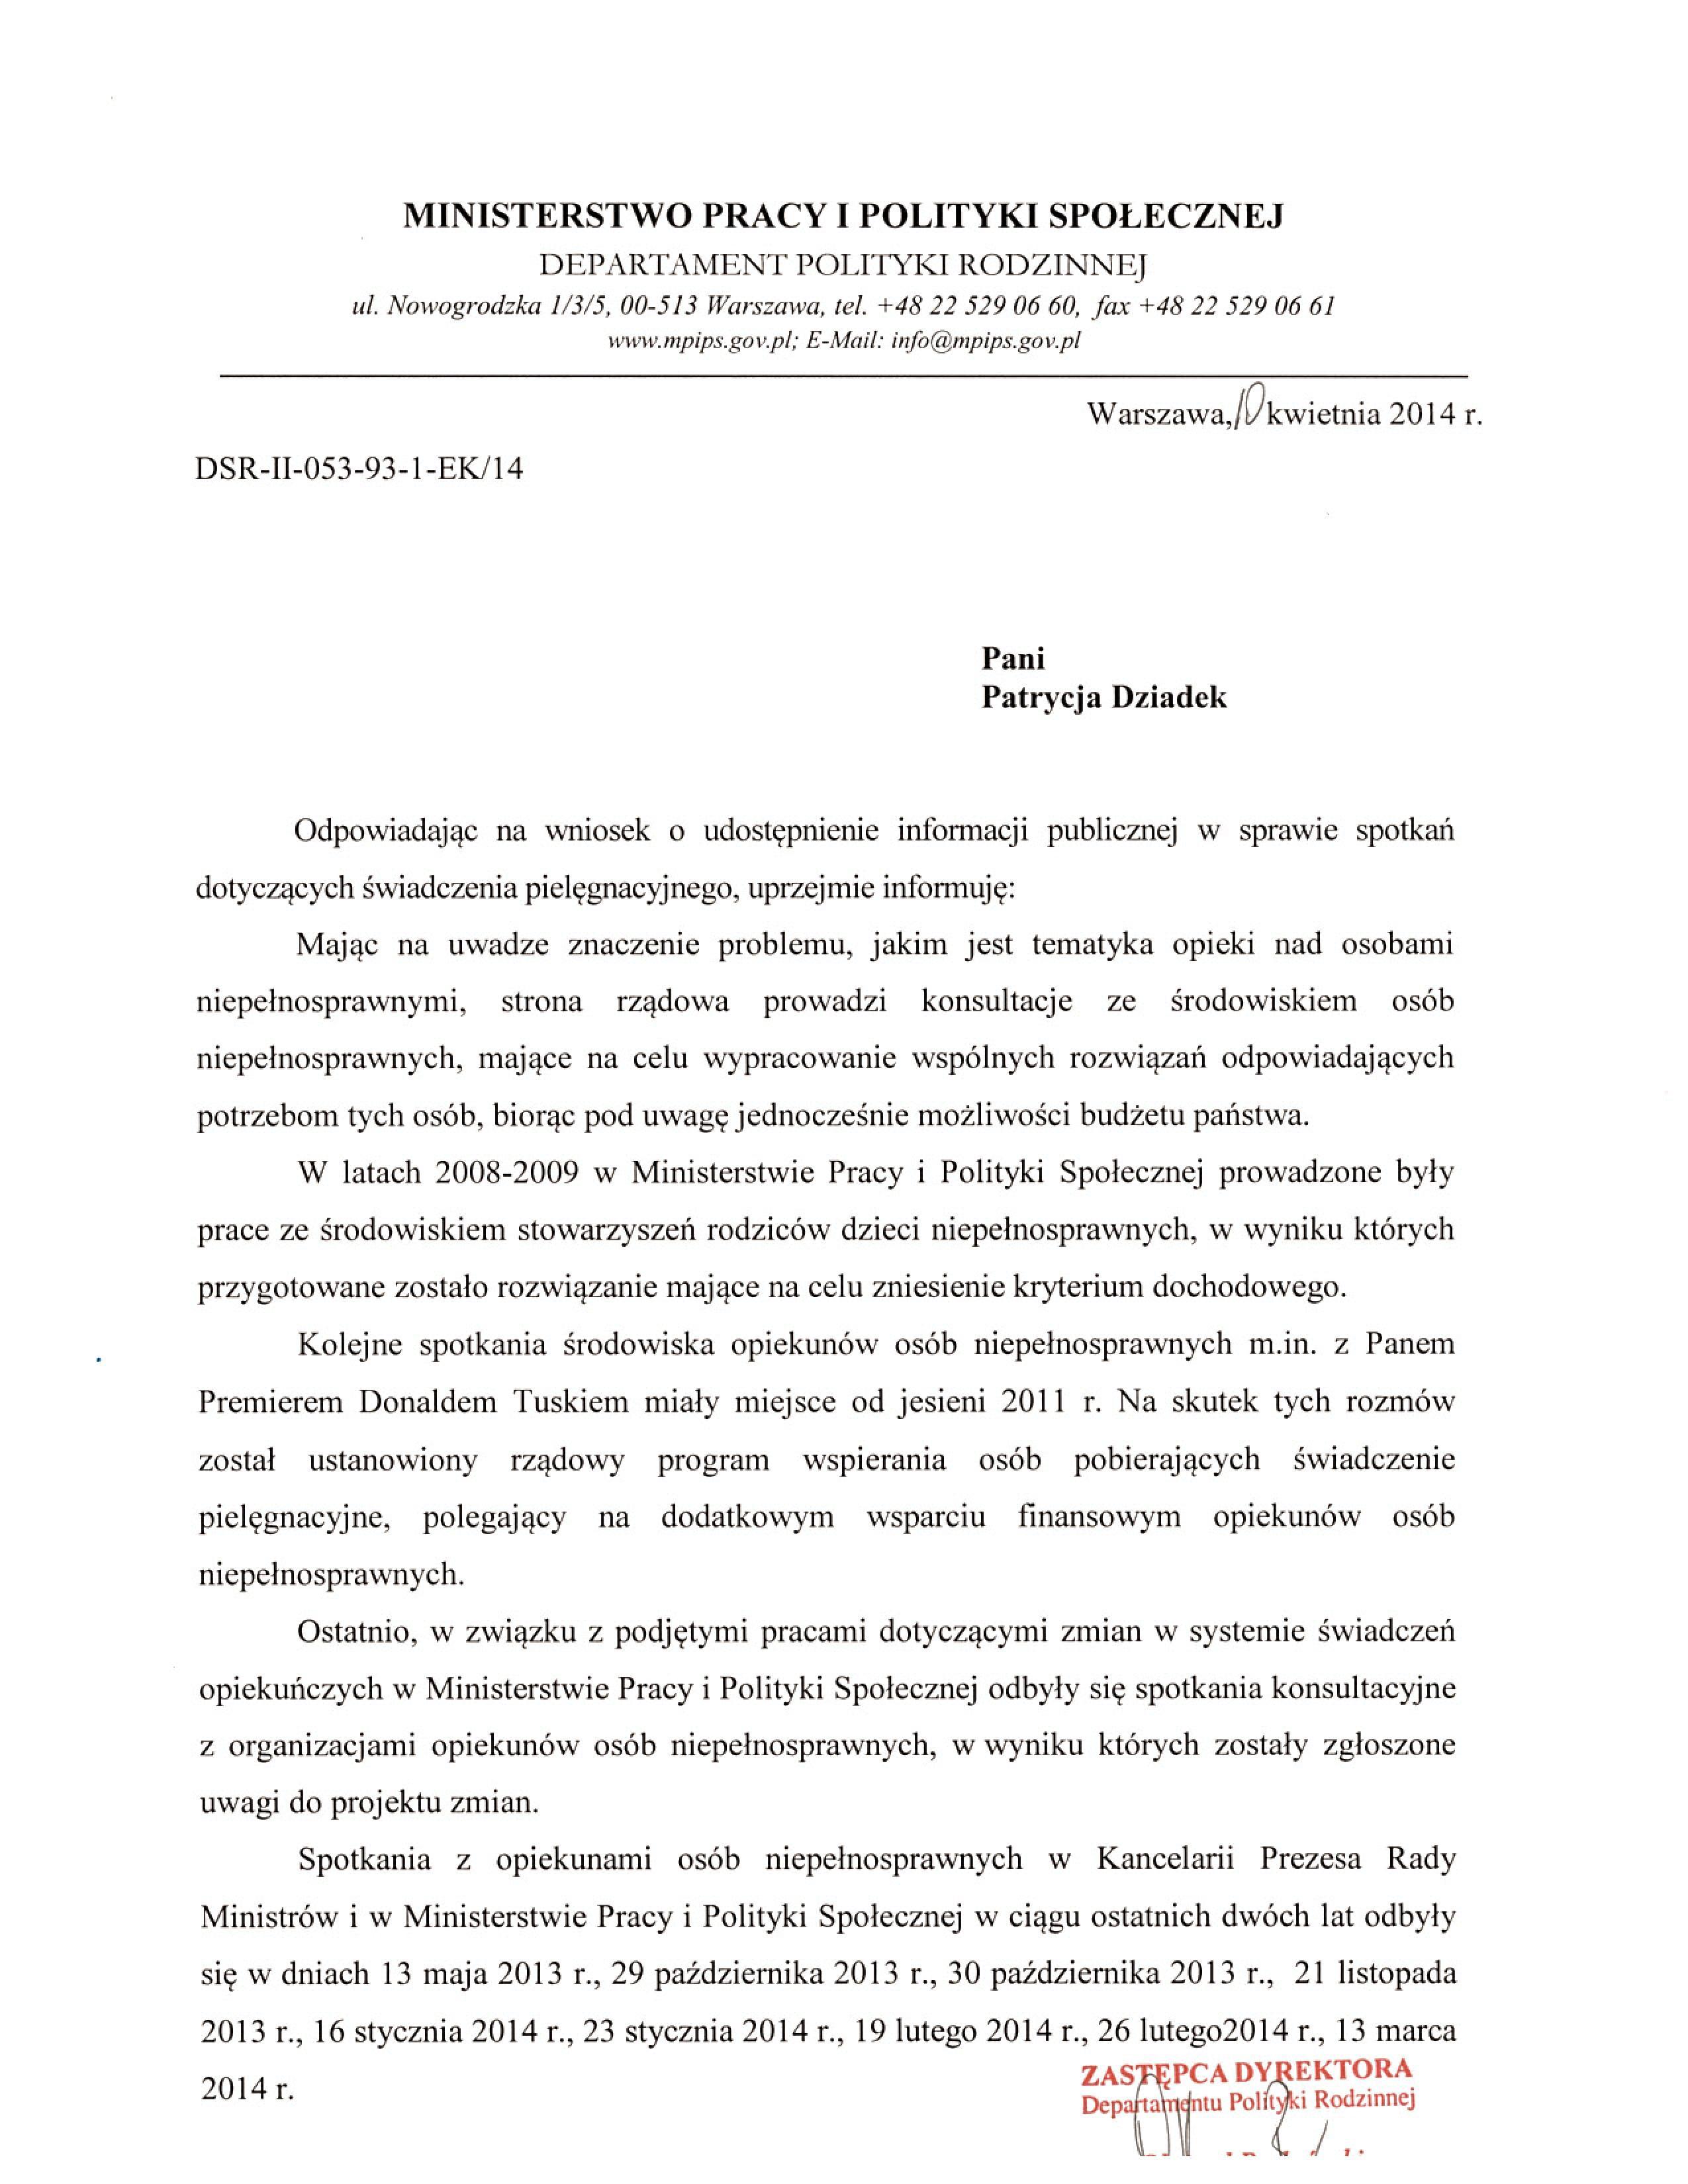 inf.publDSR-II-053-93-1-EK14 (1) (1)-page-001